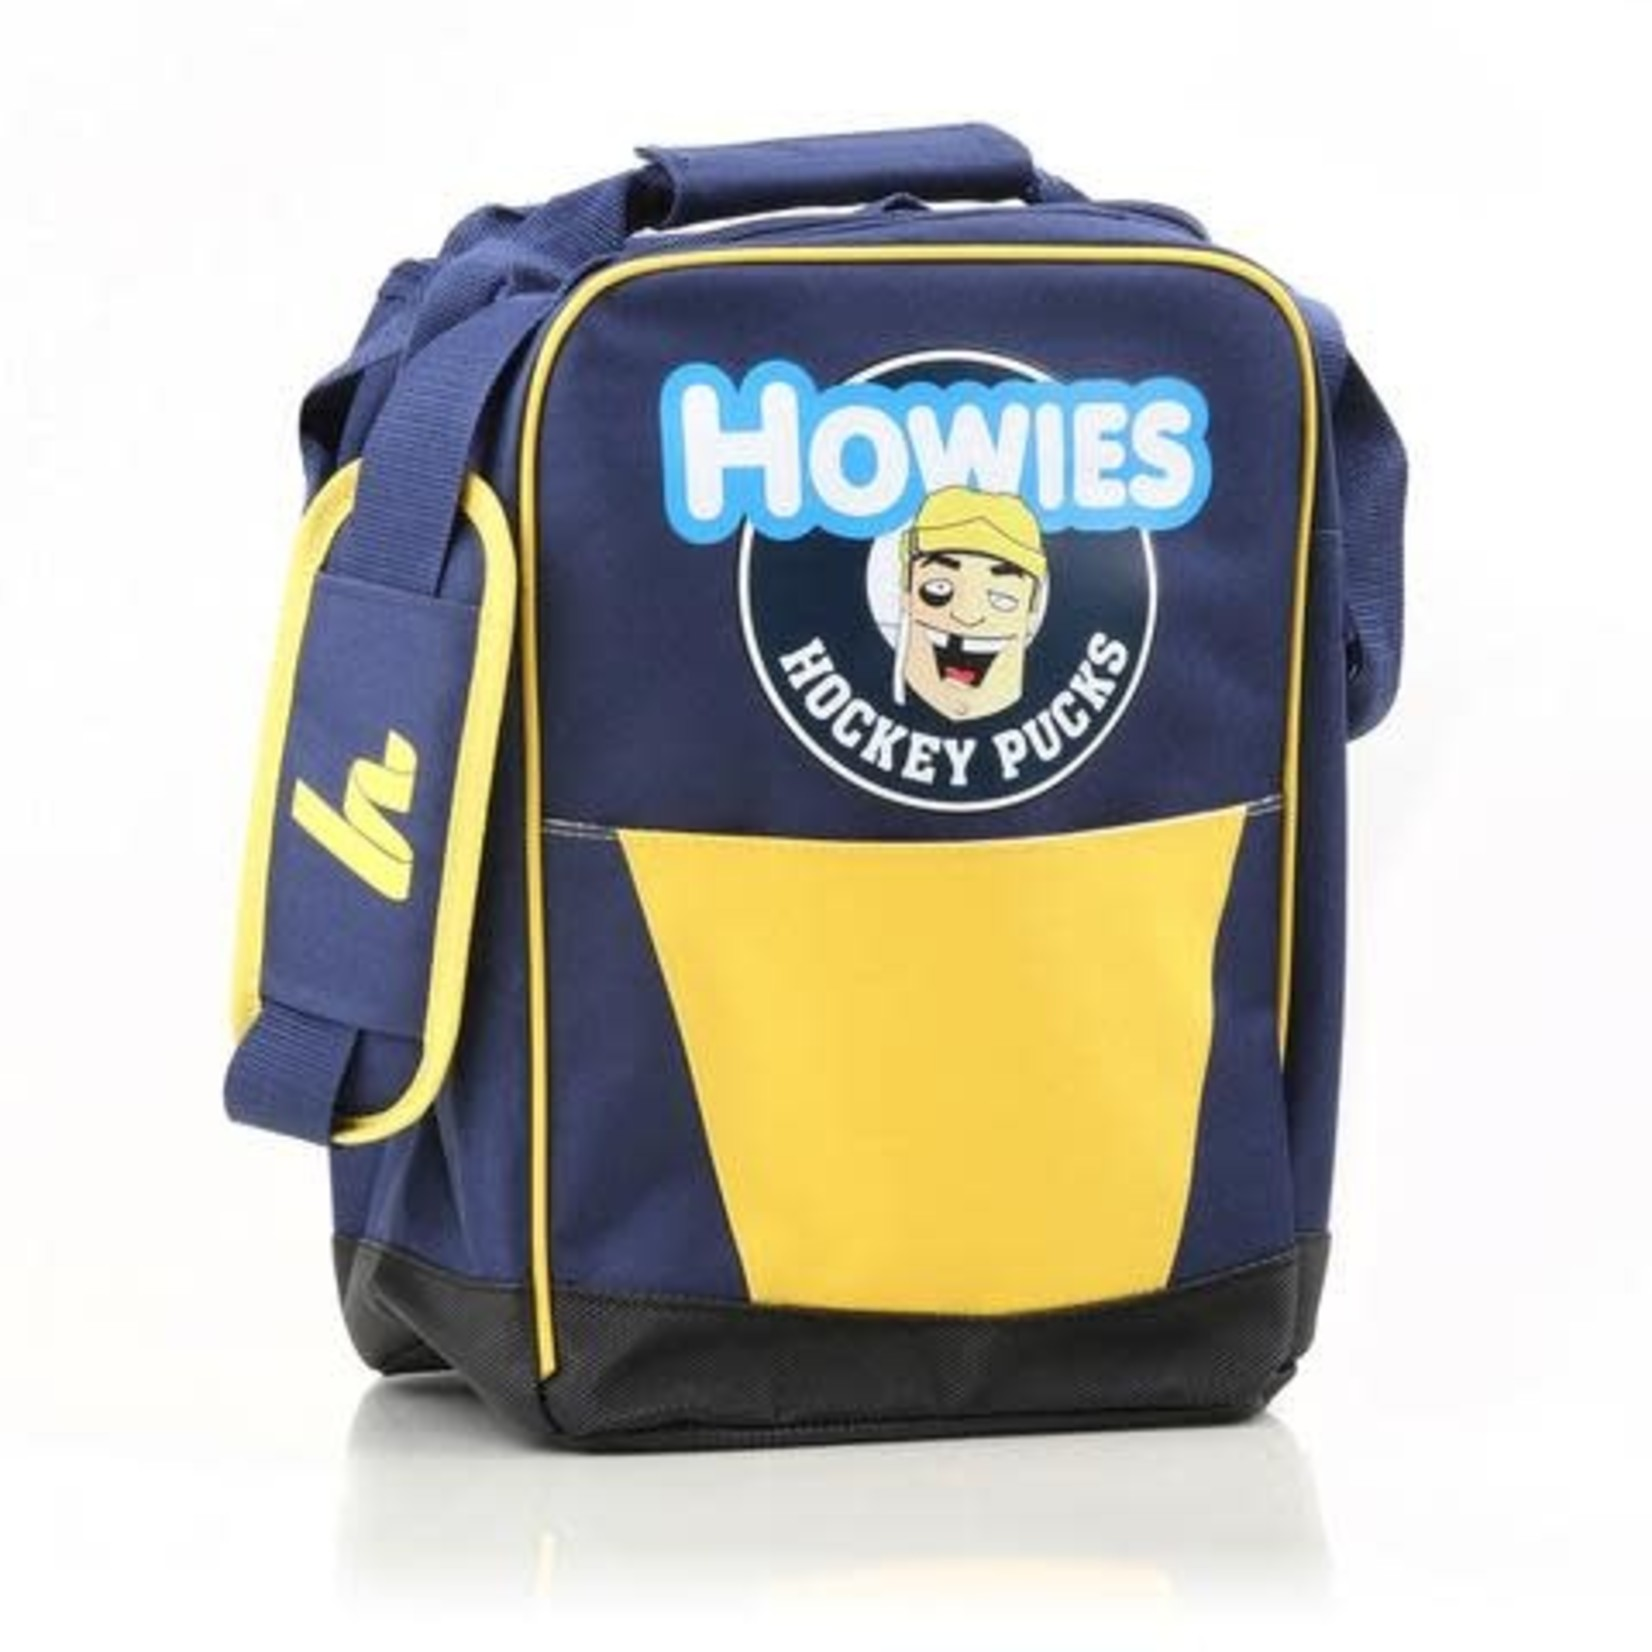 Howies Howies Hockey Puck Bag